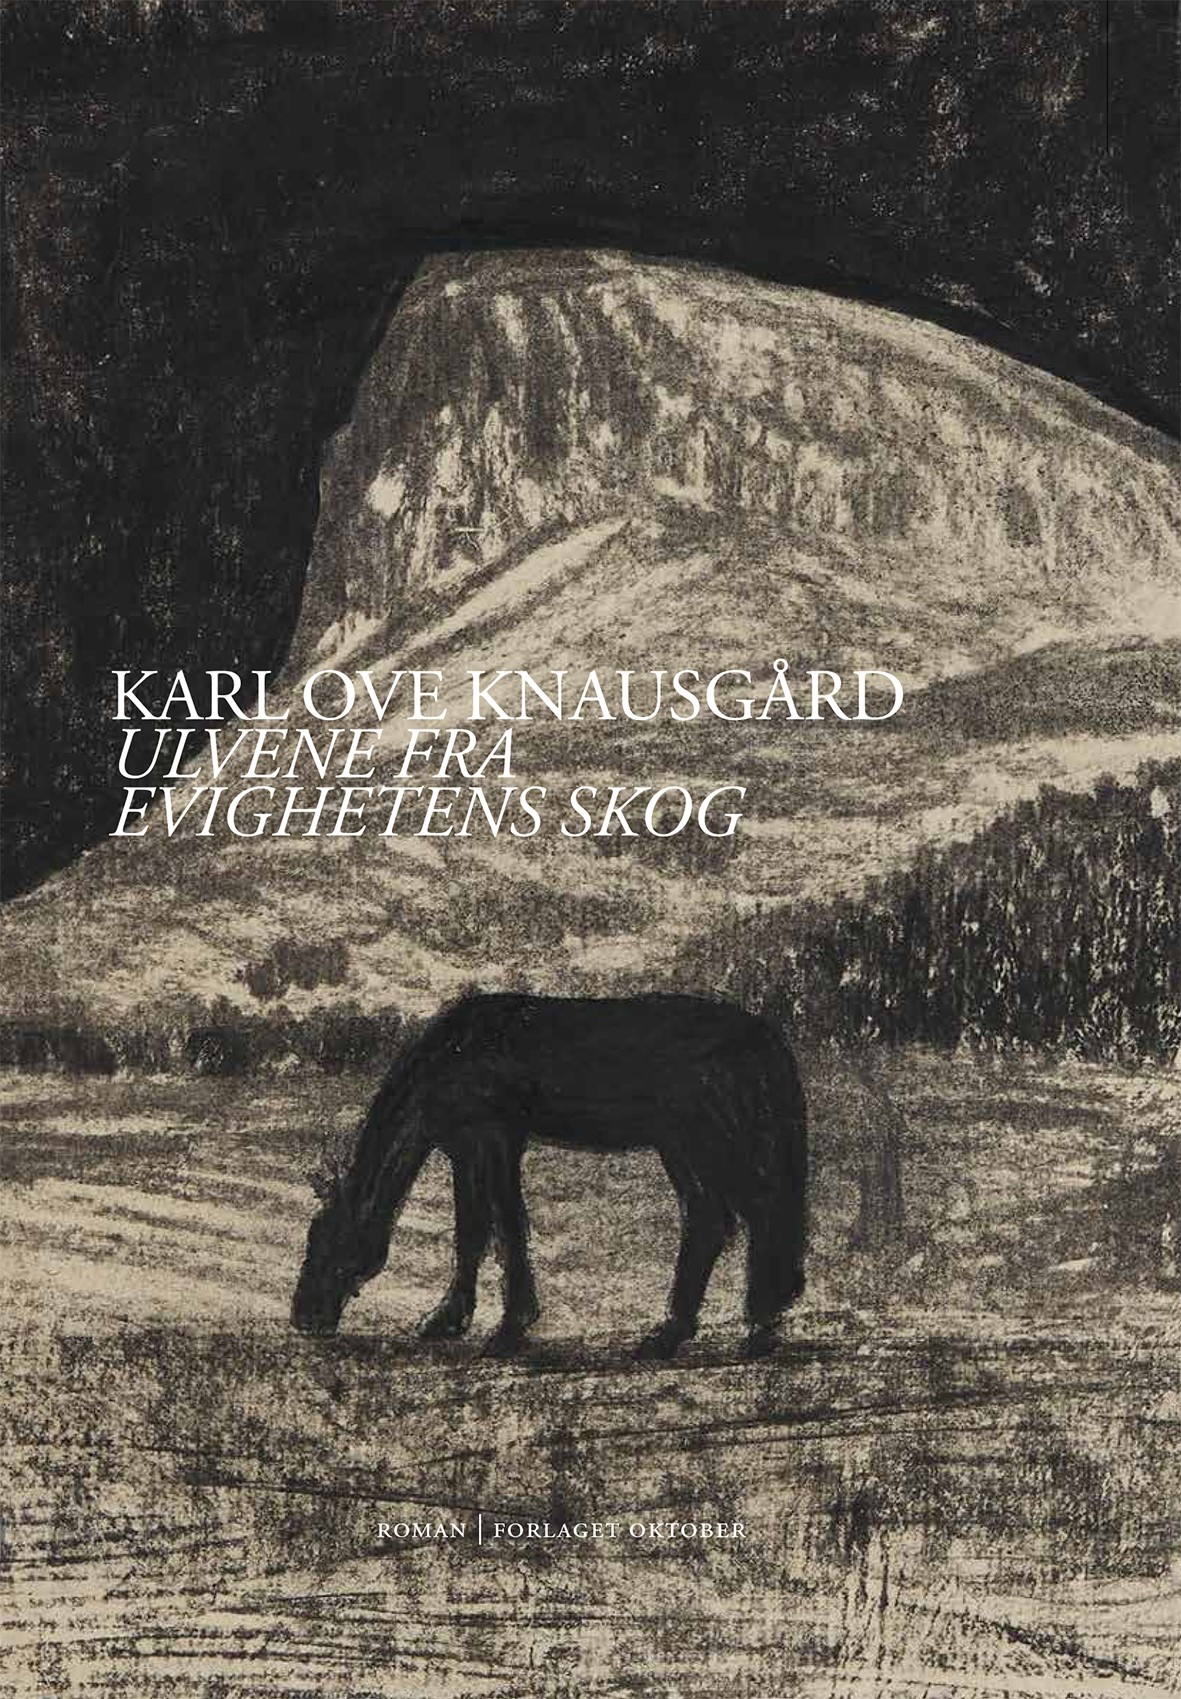 Karl Ove Knausgård Ulvene fra evighetens skog